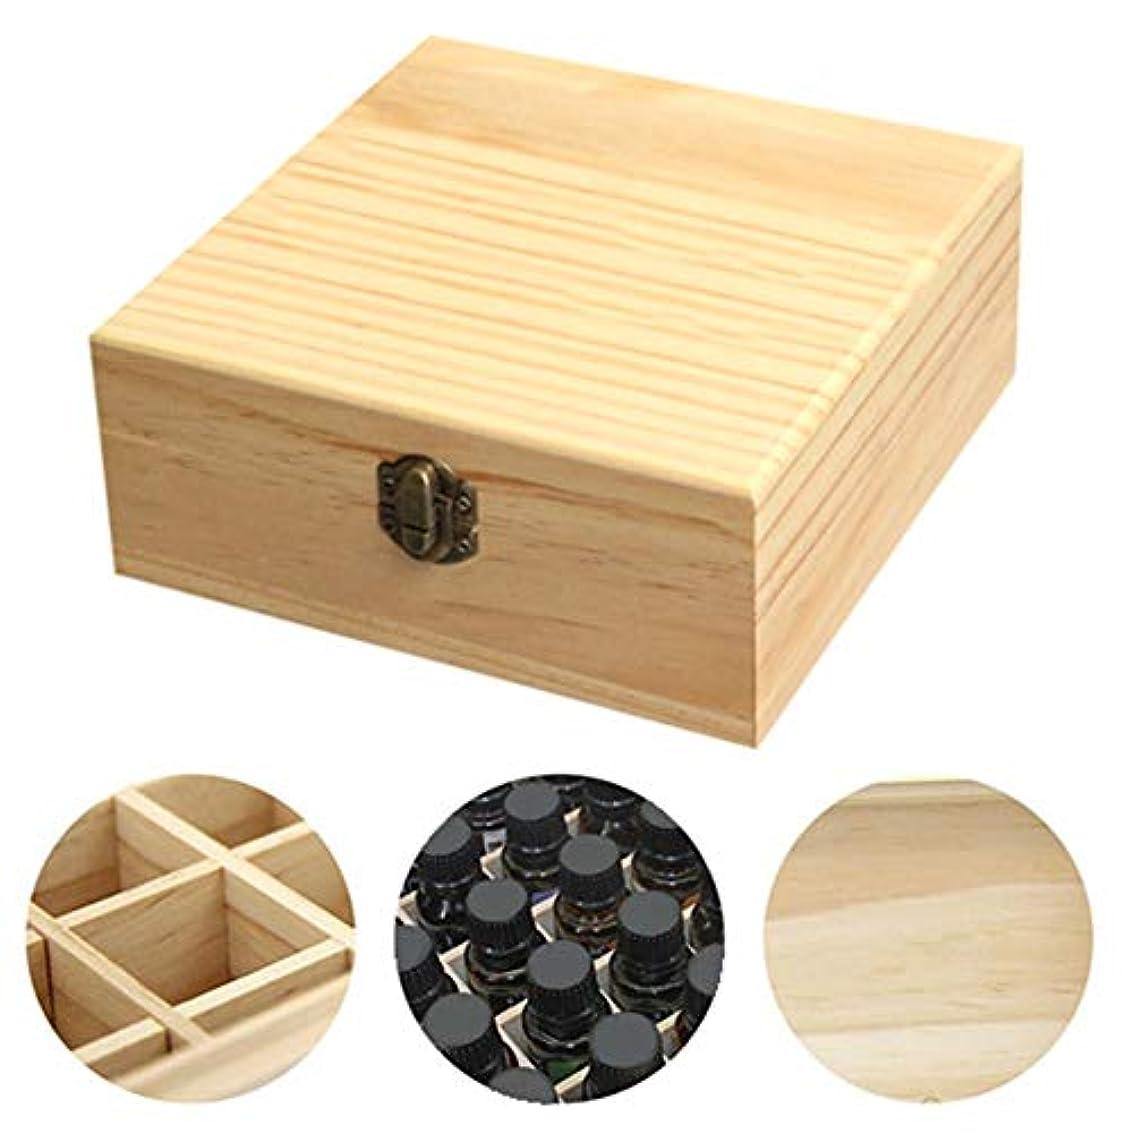 商品支給視線clouday エッセンシャルオイル収納ボックス 自然木製 エッセンシャルオイルオイル 収納 ボックス 香水収納ケース アロマオイル収納ボックス 25本用 approving